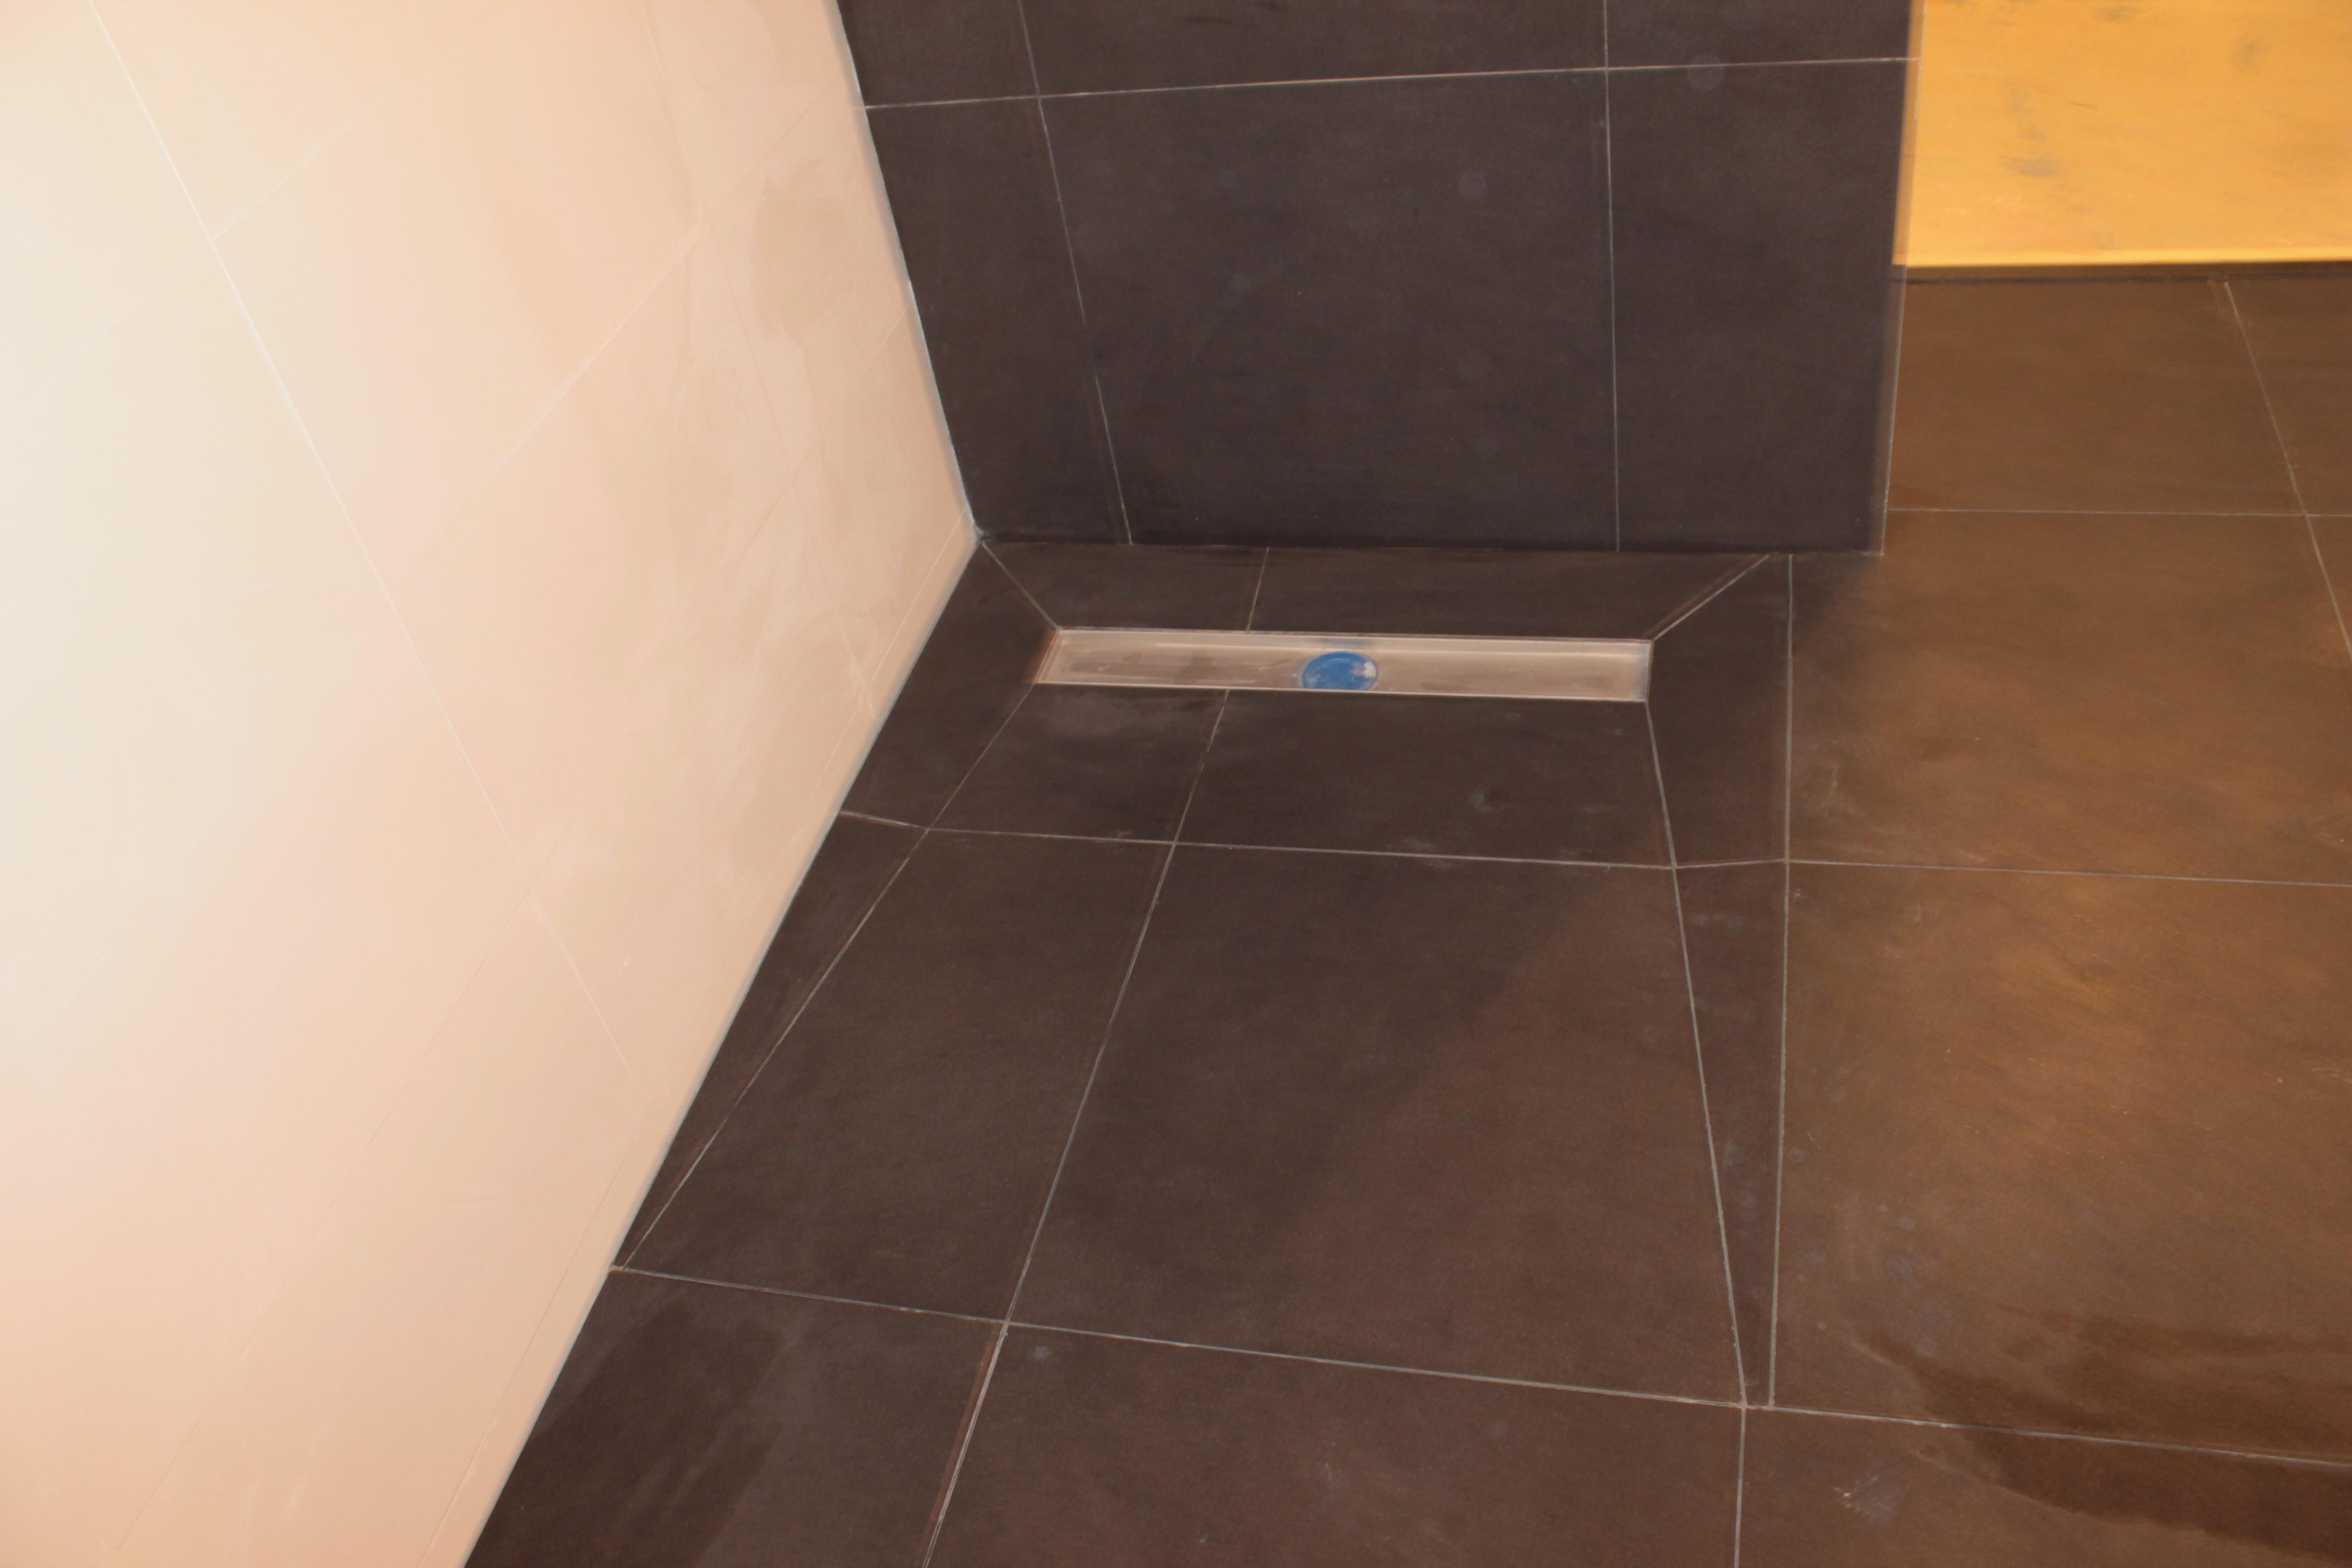 Betegelen Vloer Badkamer : Badkamer renovatie totaal klusser kees den uijl